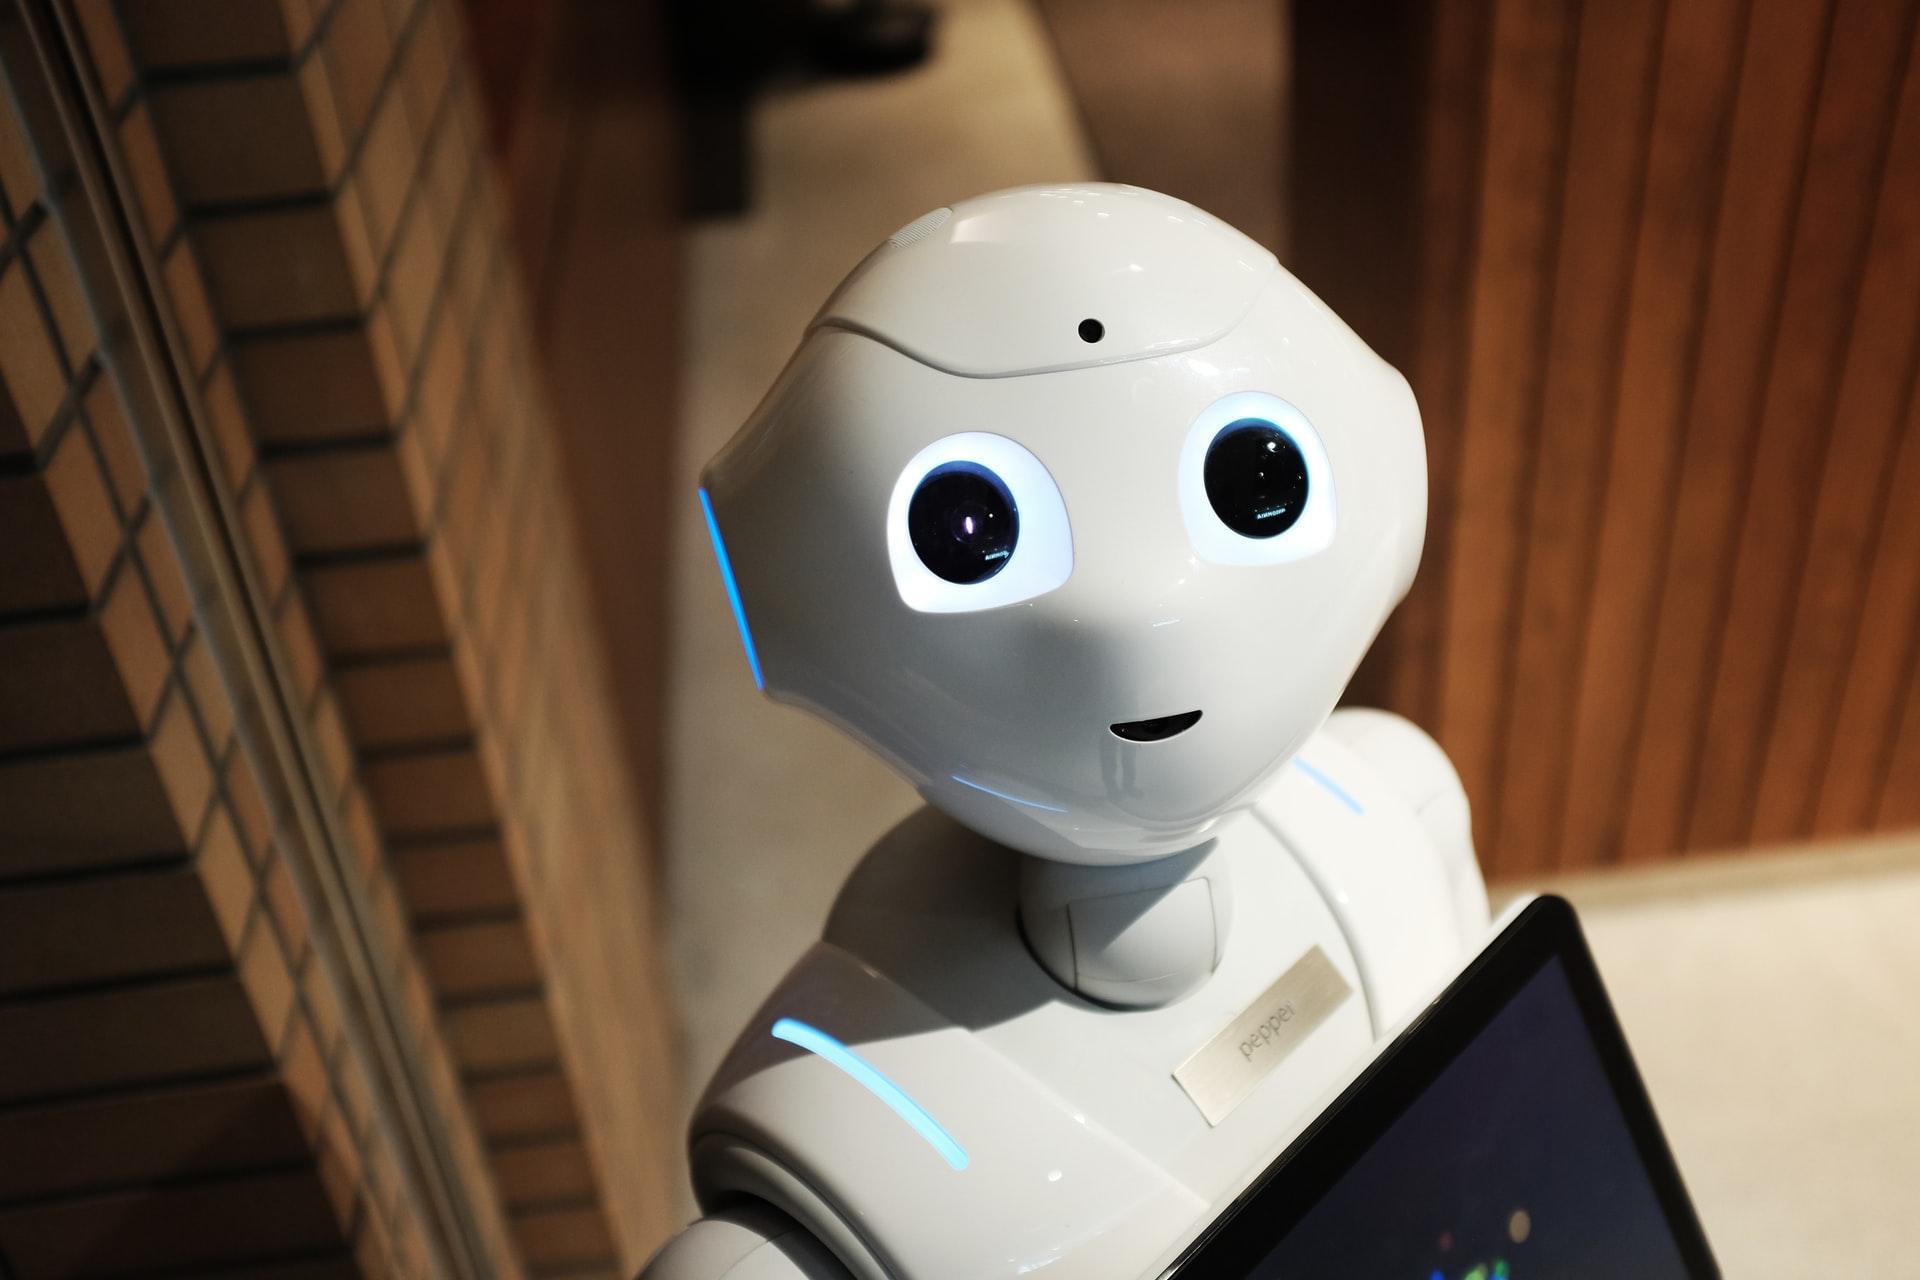 Топ-7 хибних уявлень бізнесу про Big Data та штучний інтелект